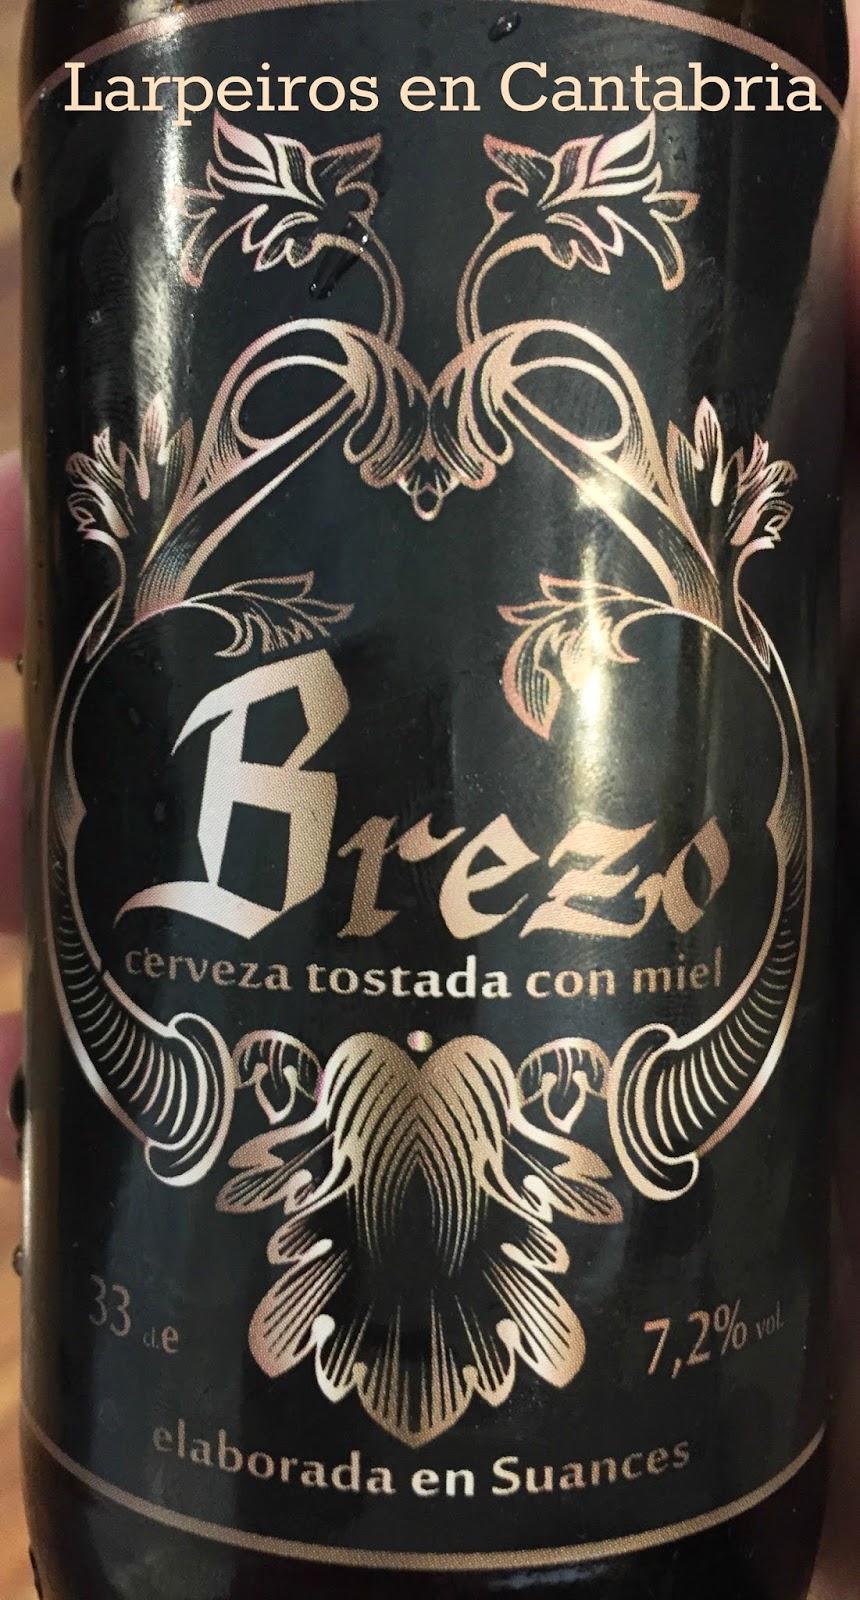 Cerveza Portus Blendium de Brezo: Toque de Miel muy sutil